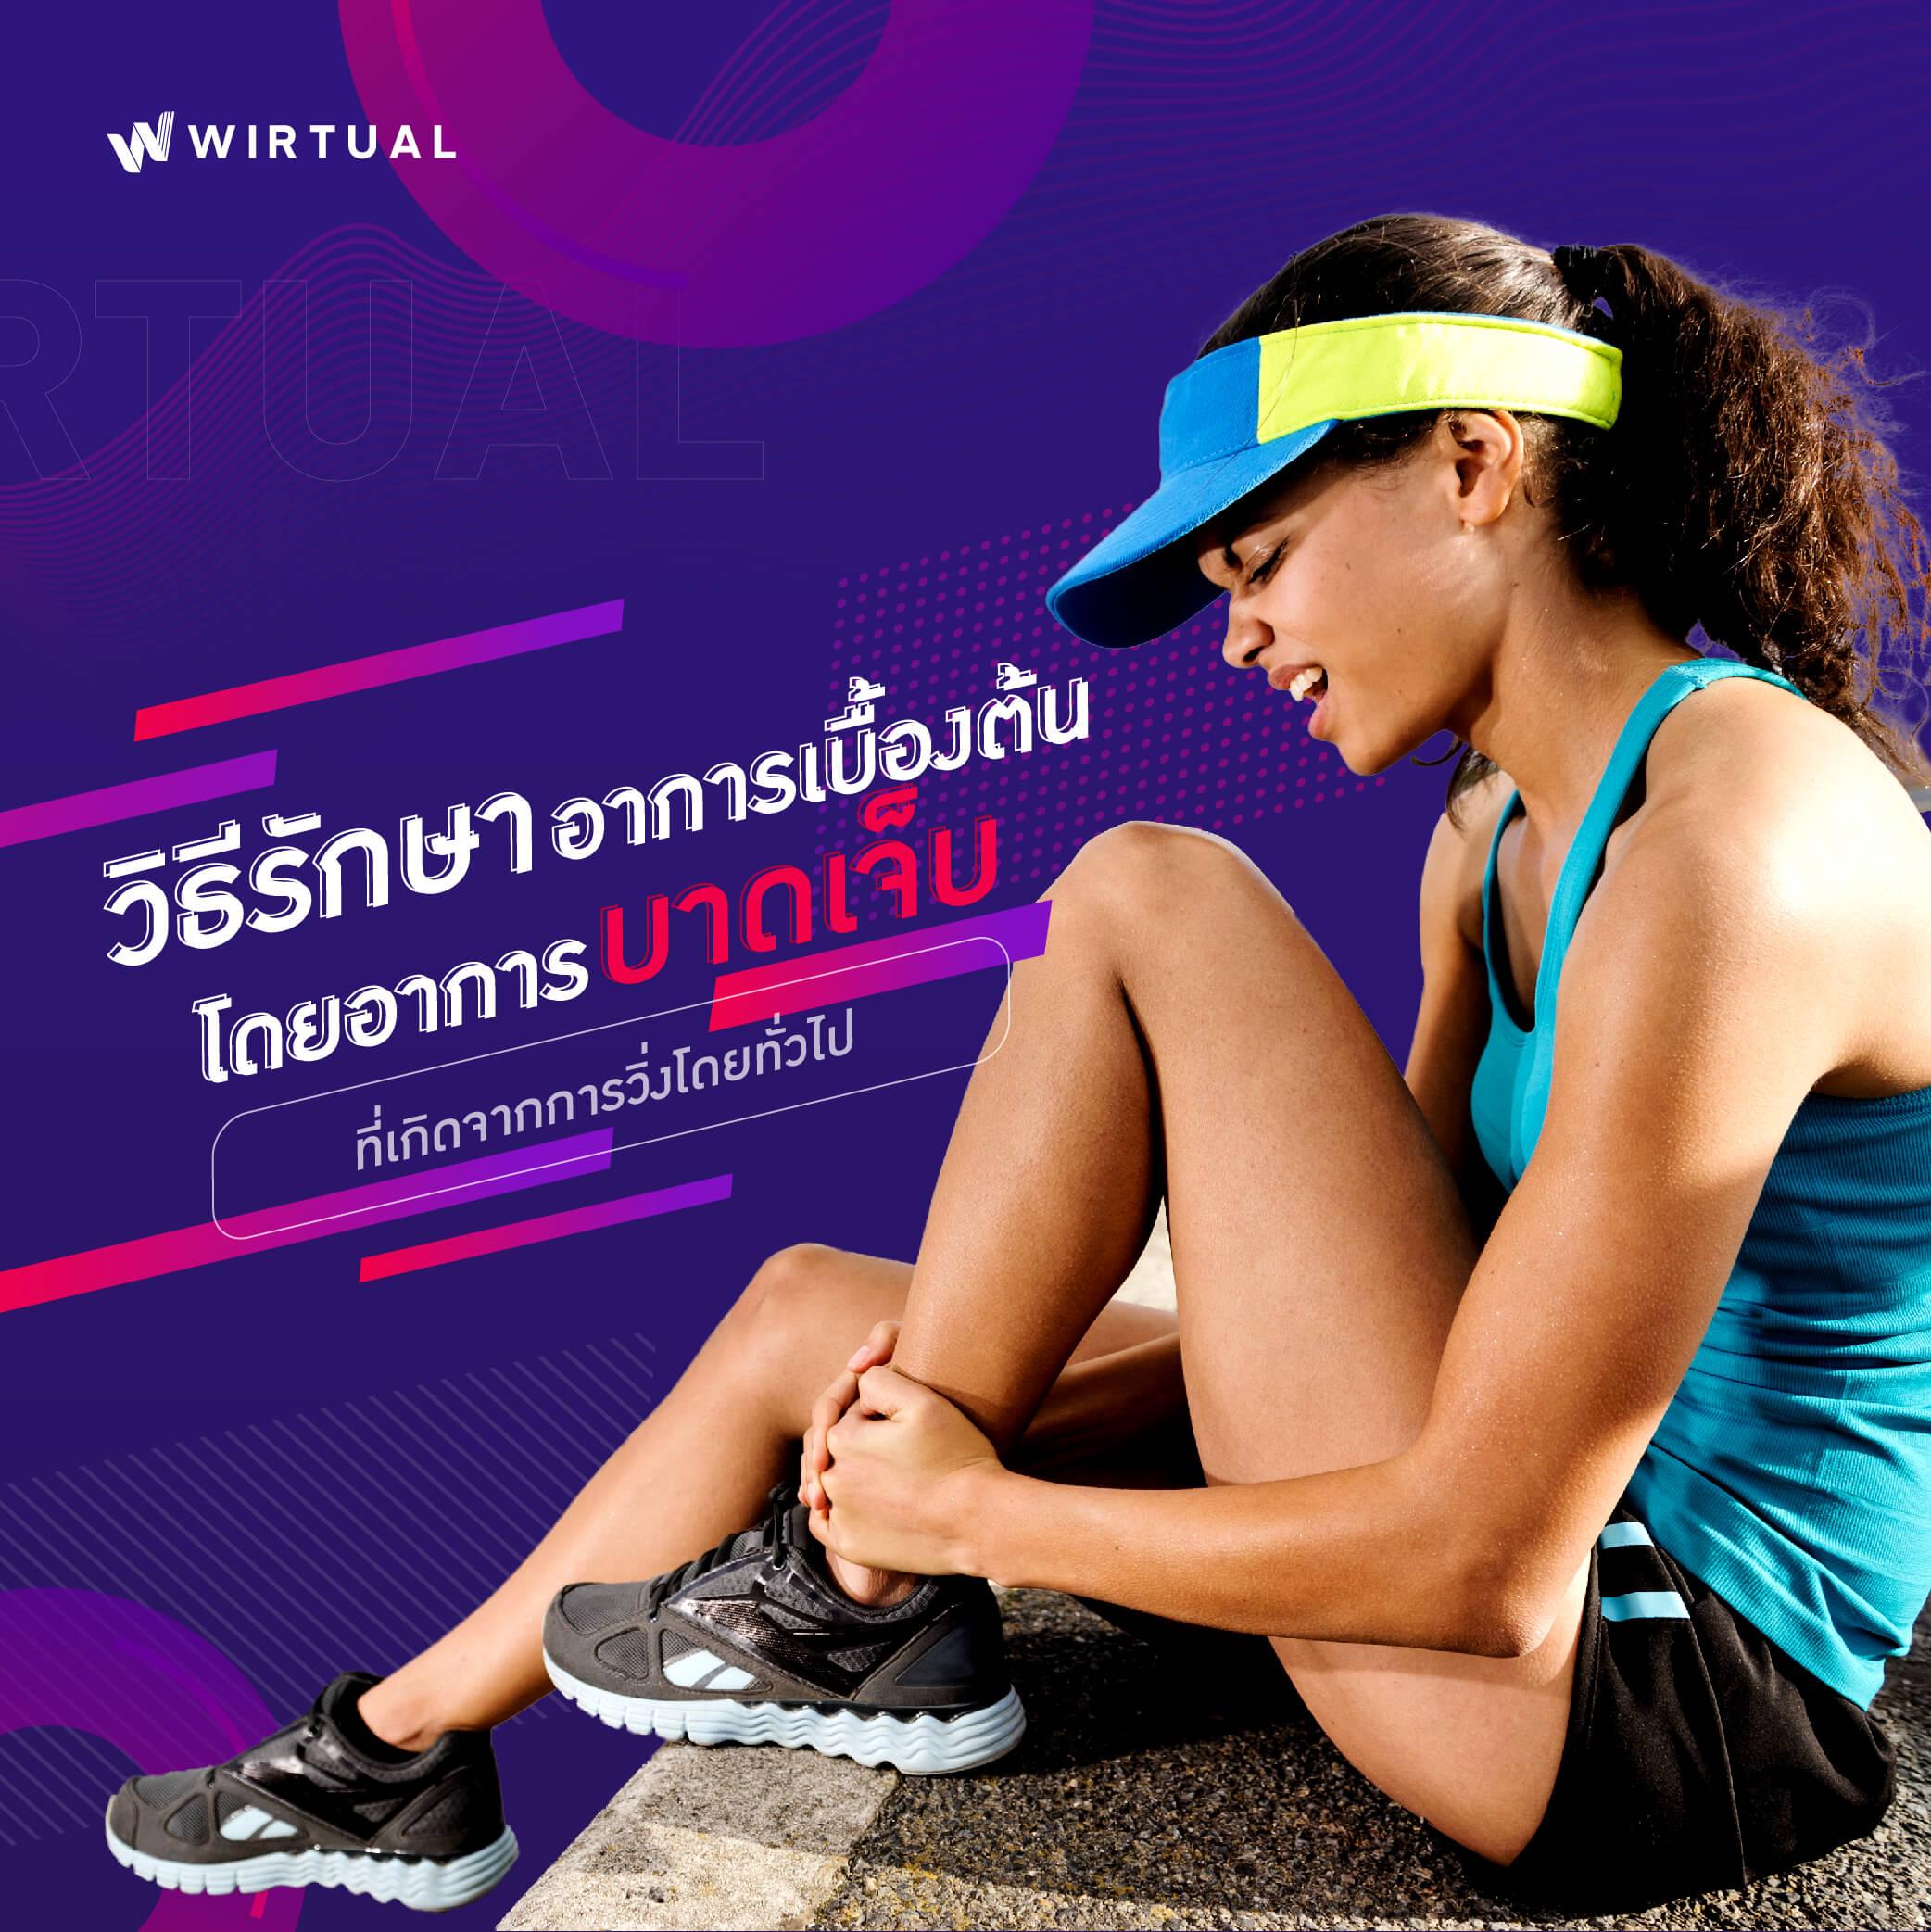 วิธีรักษาอาการเบื้องต้นโดยอาการบาดเจ็บที่เกิดจากการวิ่งโดยทั่วไป